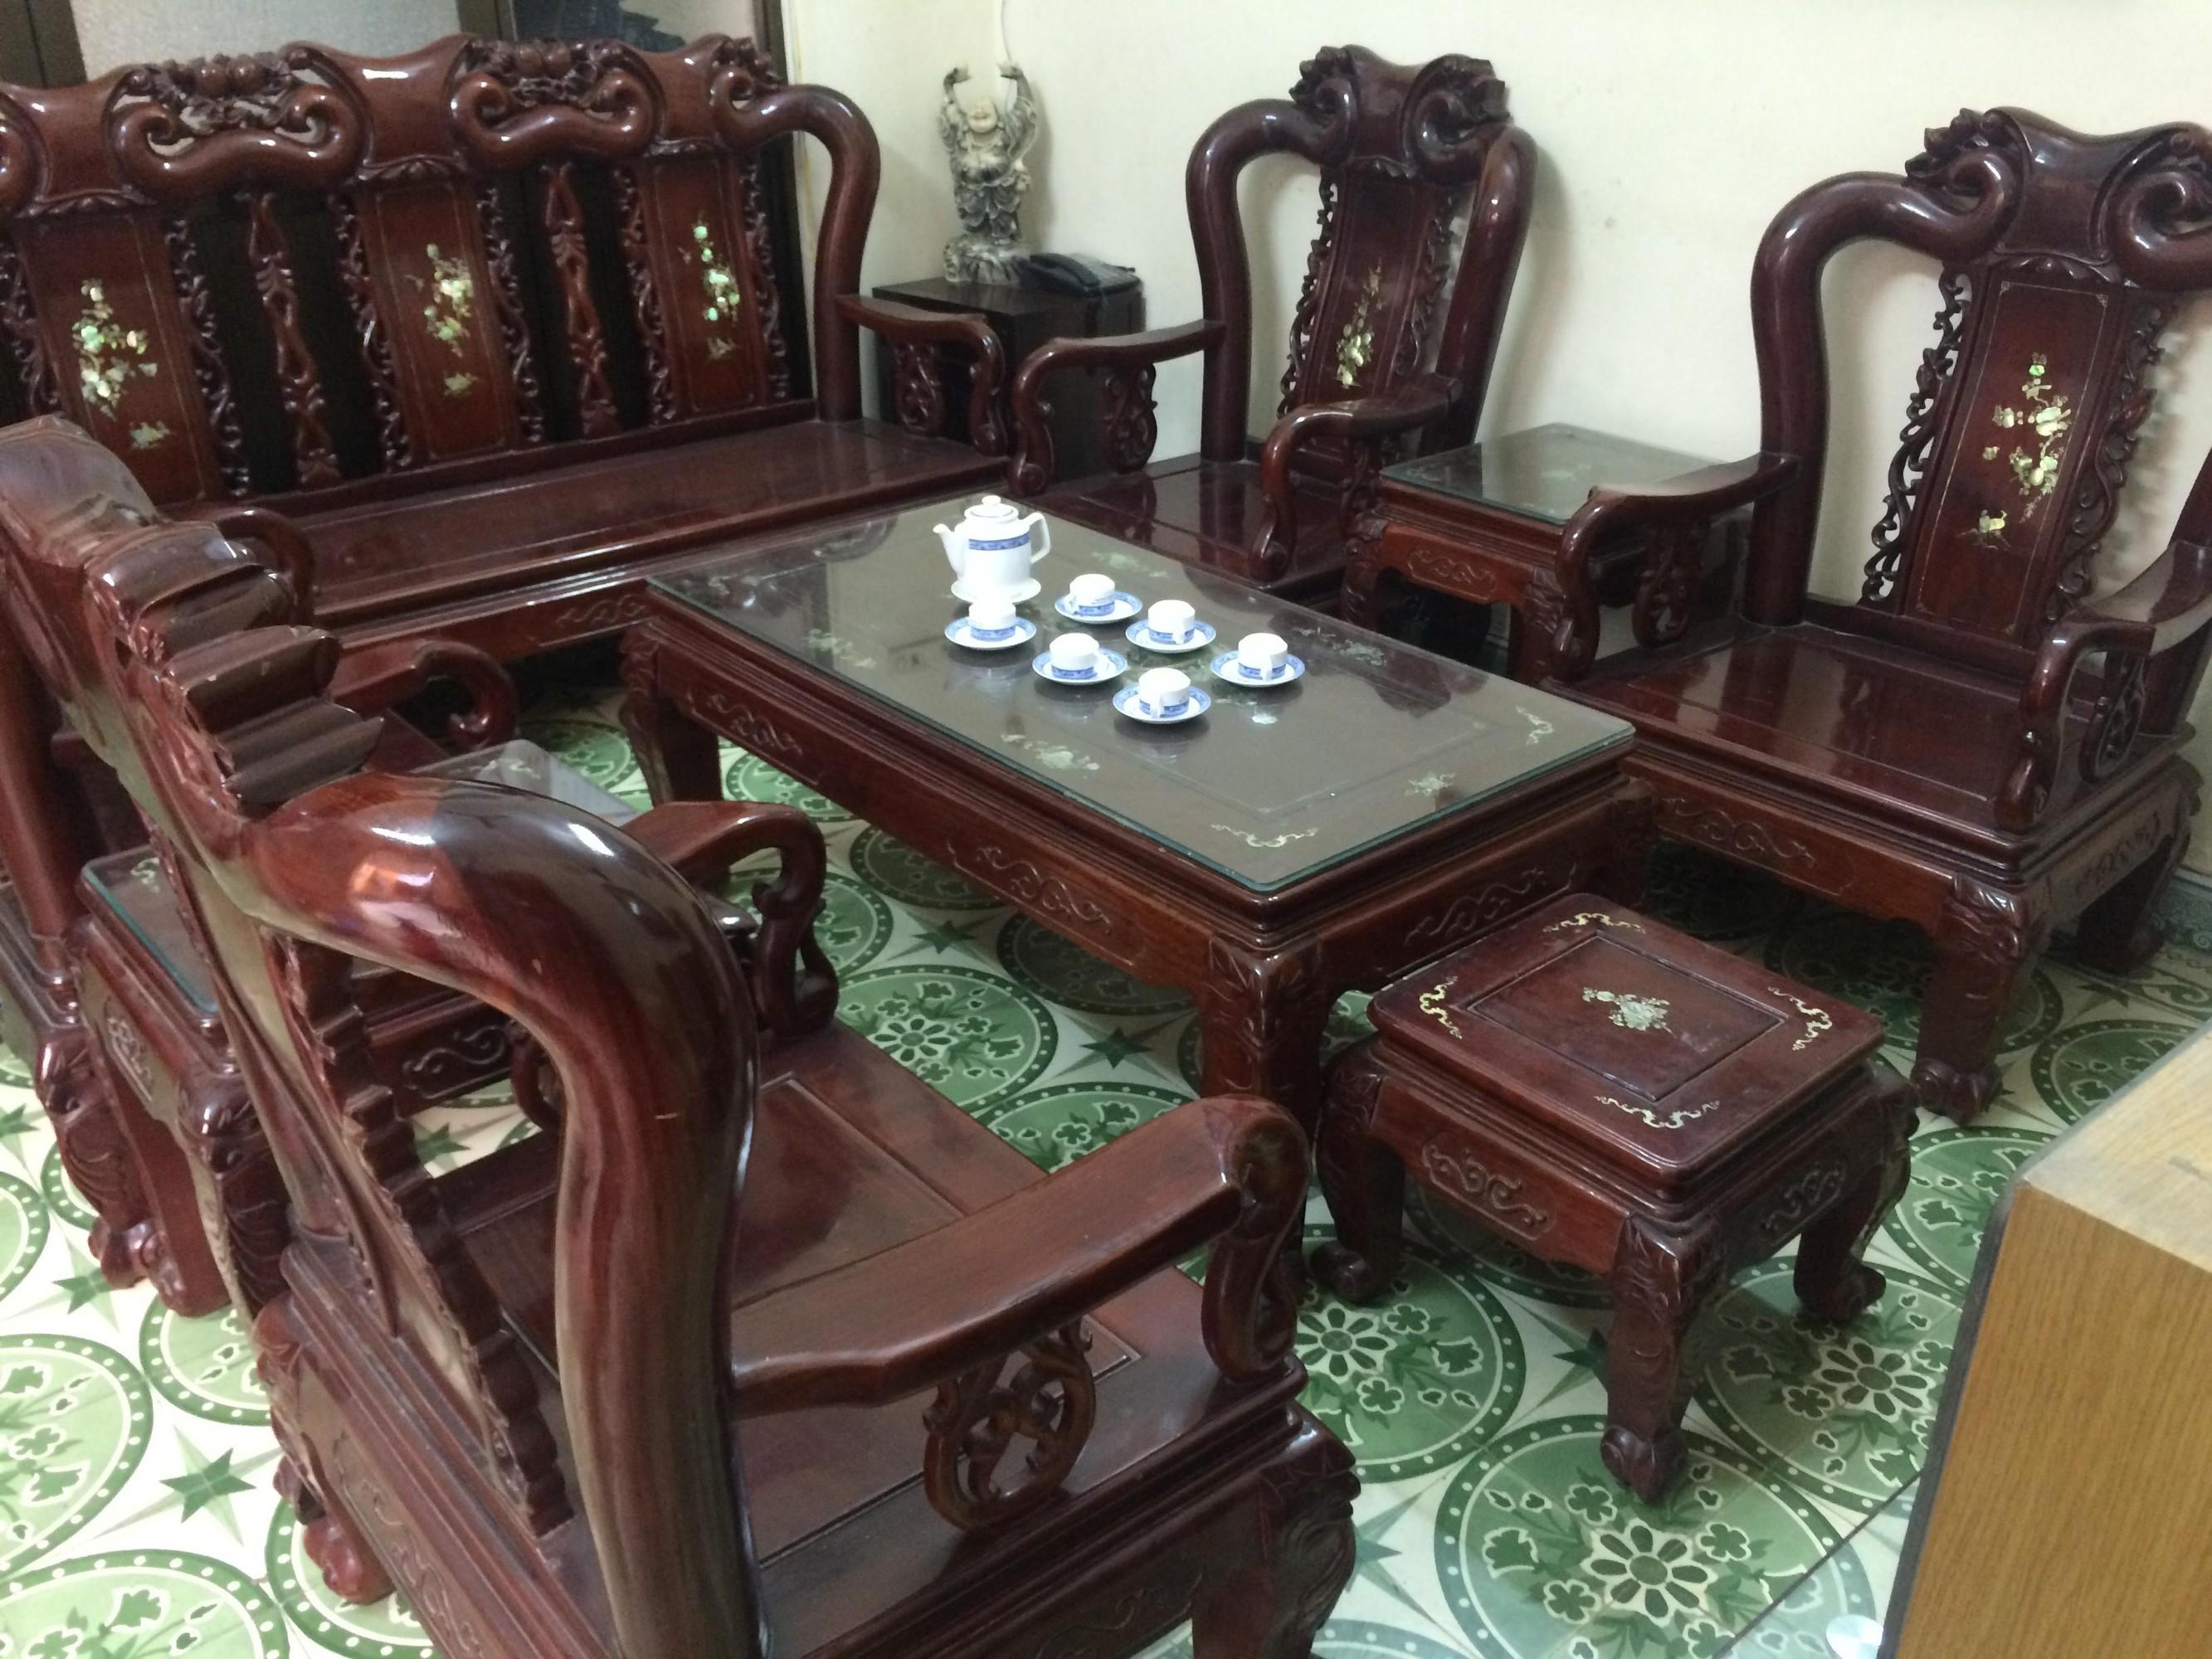 Thanh lý bộ bàn ghế gỗ hương Đồng Kị - đồ cũ hải phòng 0834.567.824